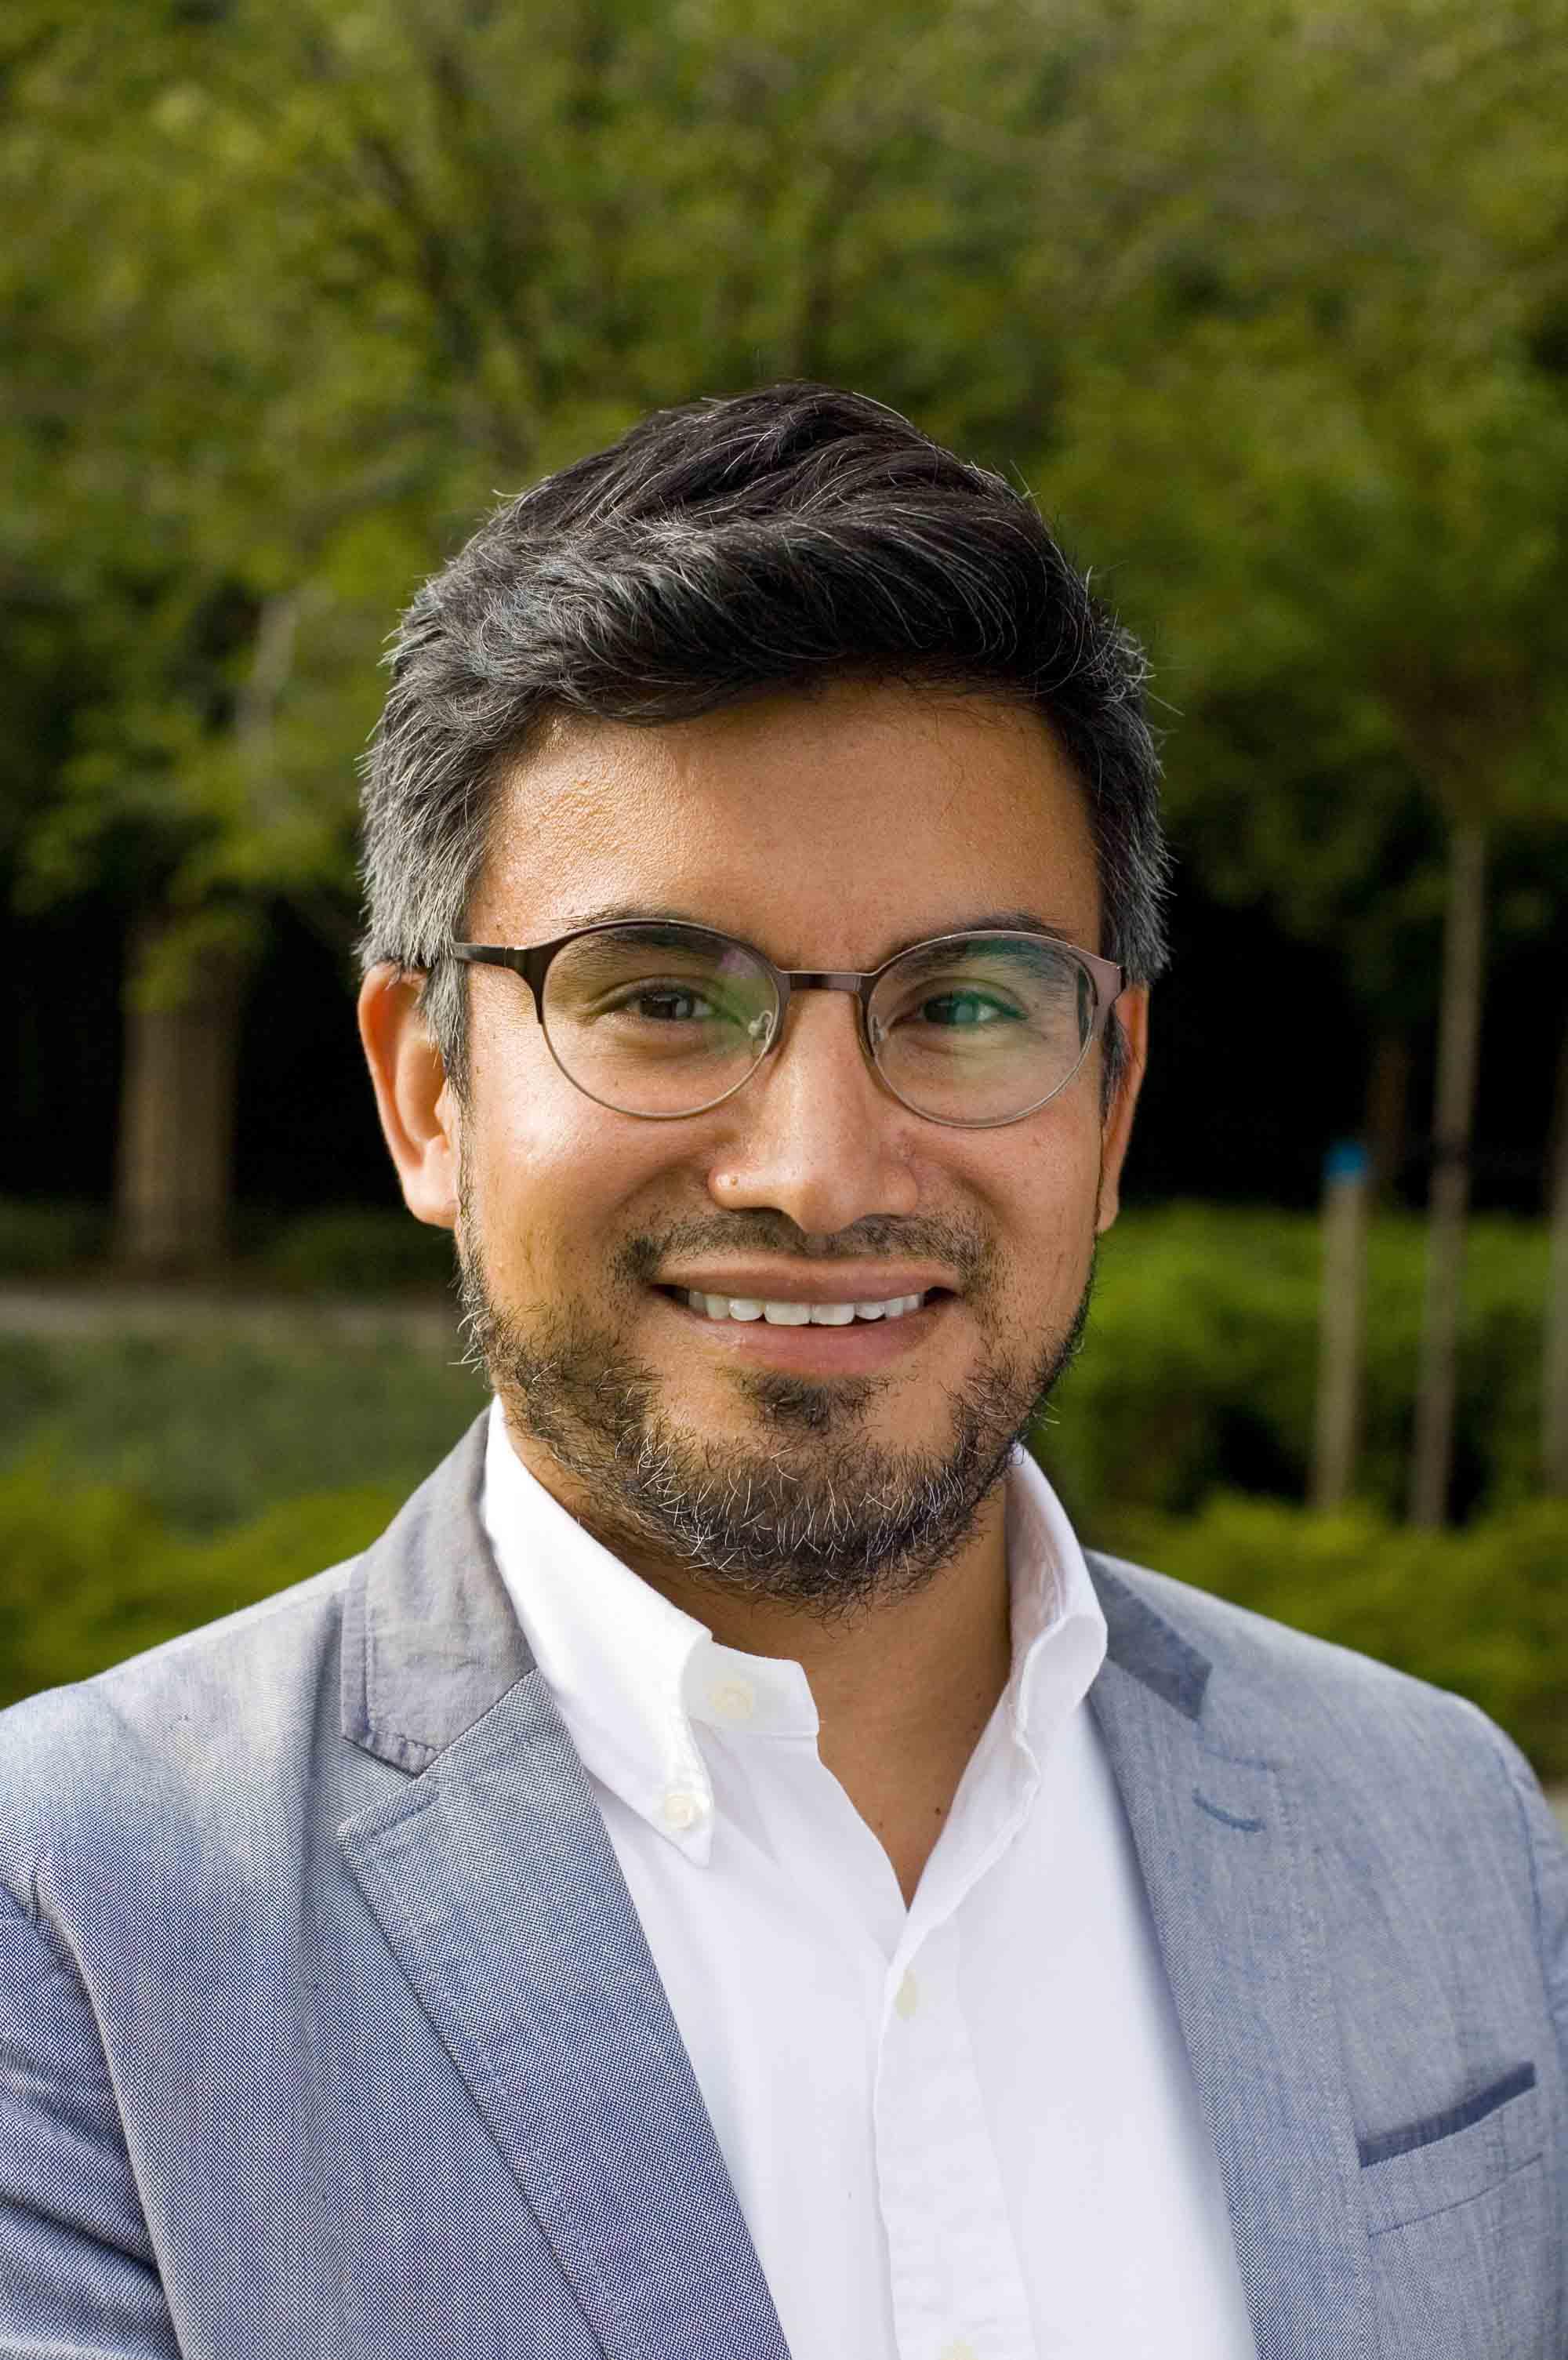 Profielfoto headshot man informeel portret zakelijke fotografie LinkedIn cv fotografie Den Haag